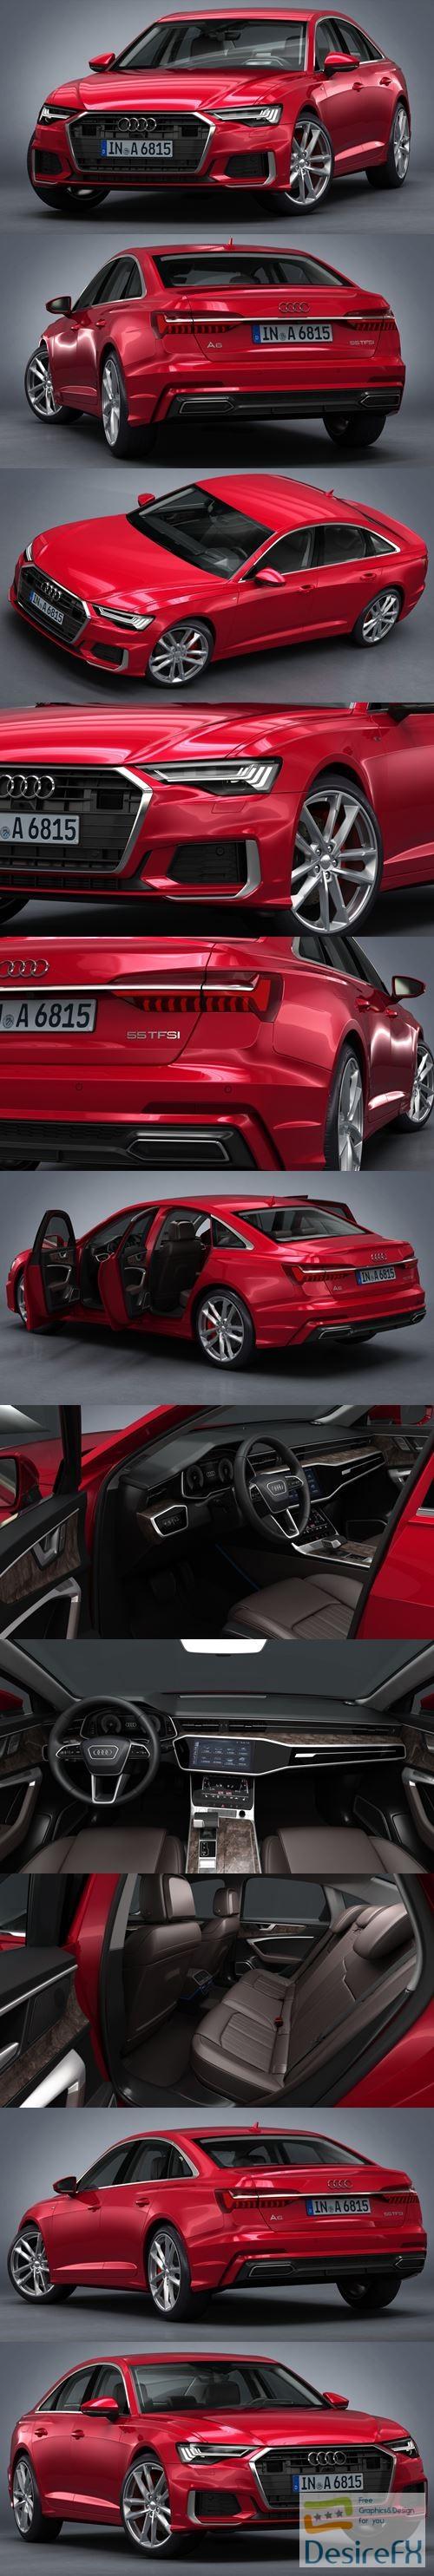 3d-models - Audi A6 2019 3D Model